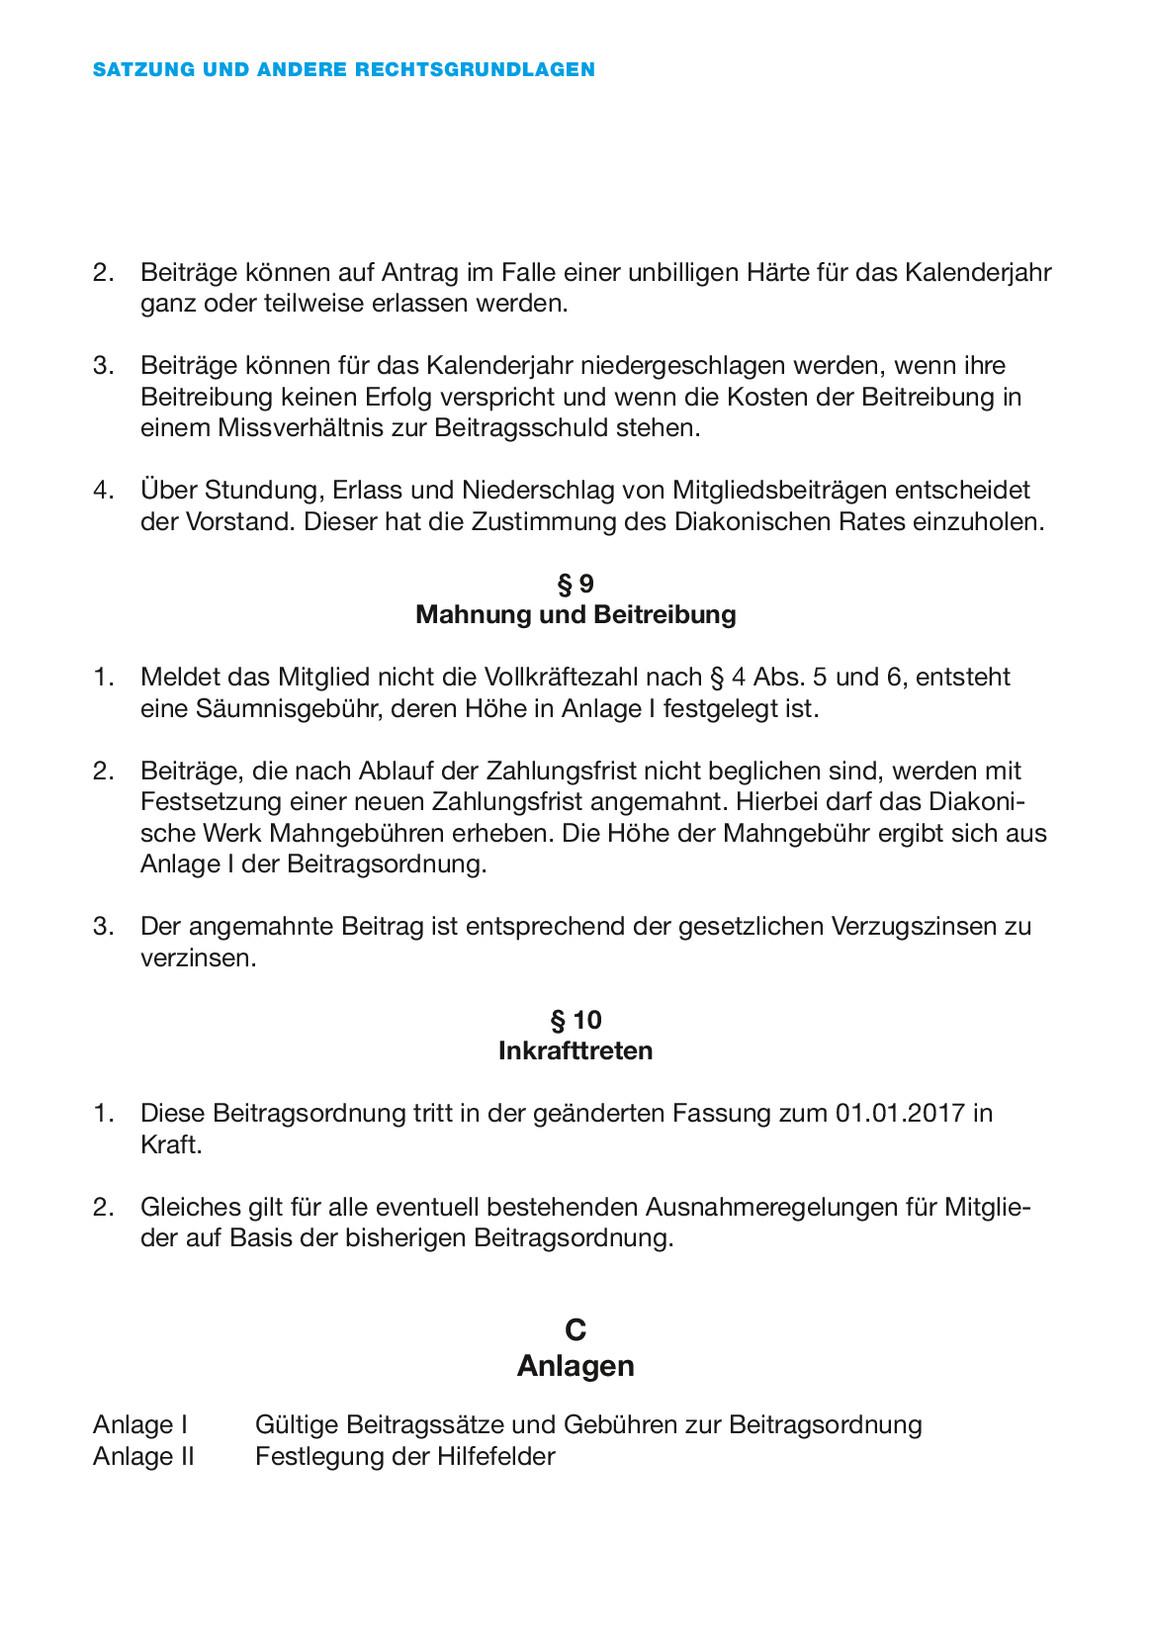 Satzung Und Andere Rechtsgrundlagen Diakonie Mitteldeutschland